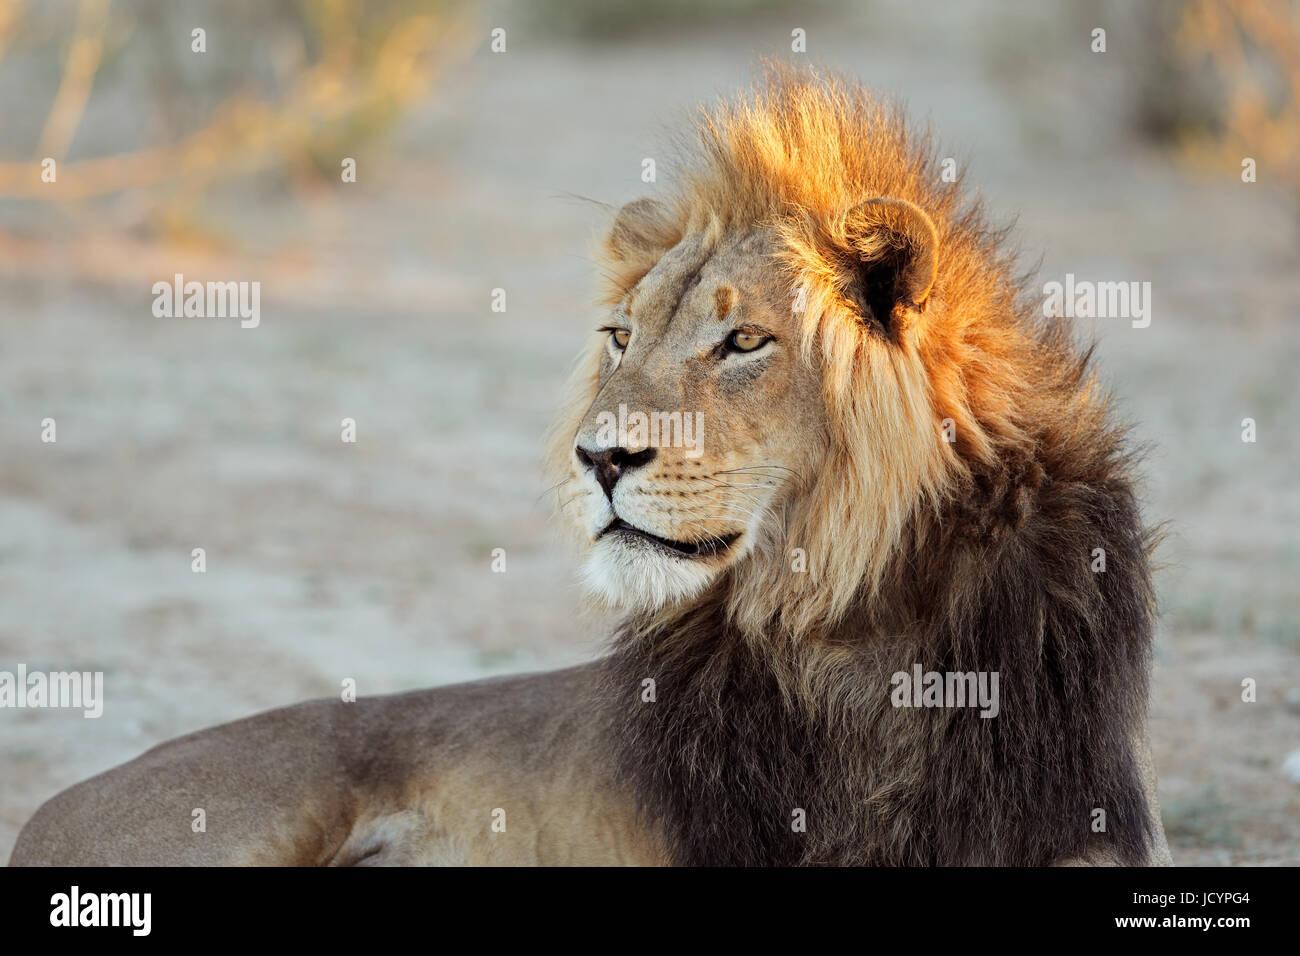 Ritratto di un grande maschio di leone africano (Panthera leo), Sud Africa Immagini Stock